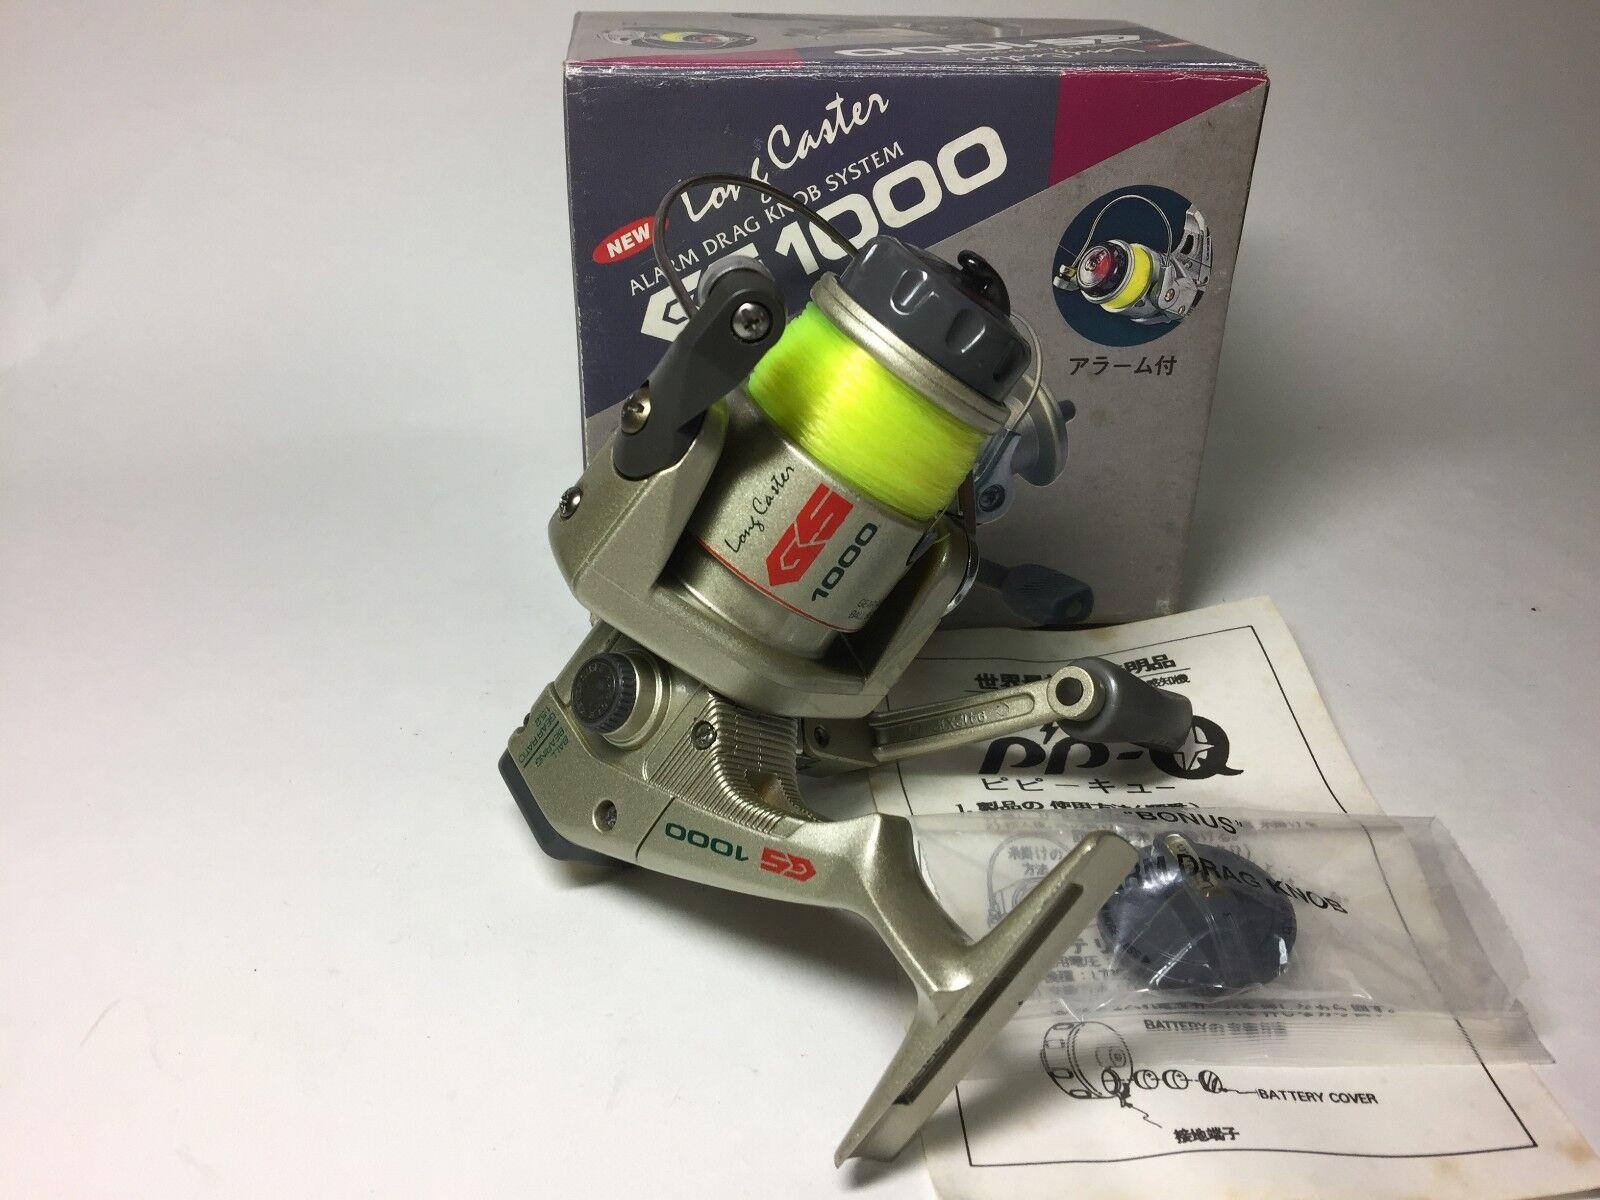 Long Caster GS1000 PP-Q Spinning Reels Alarm Drag Knob System